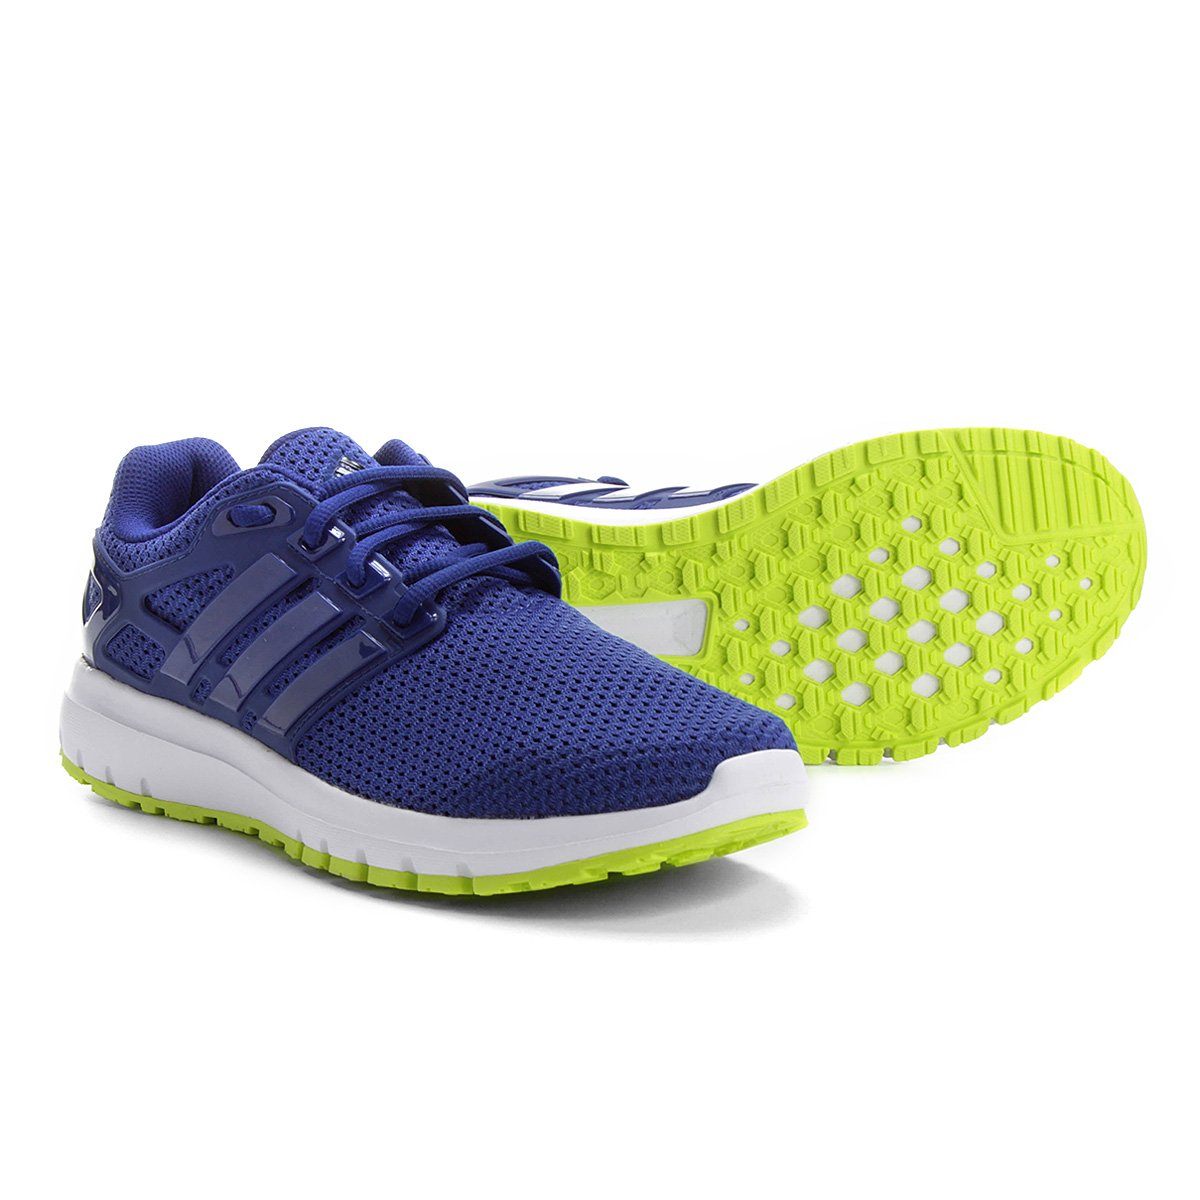 Tênis Adidas Energy Cloud Masculino - Azul e Verde - Compre Agora ... db91ca507dfaa